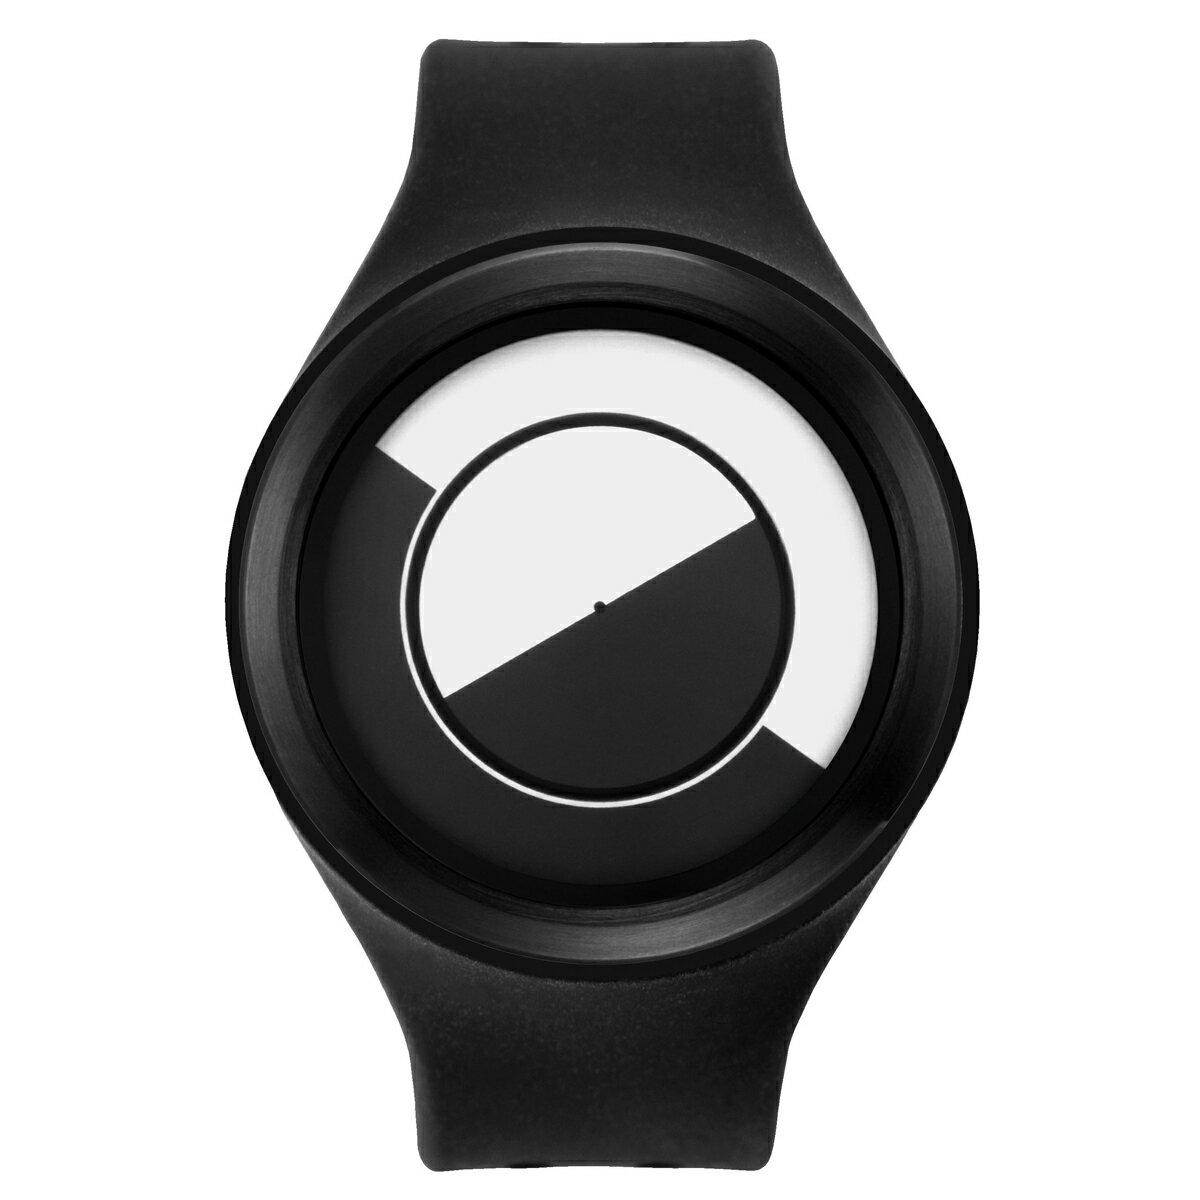 ZEROO QUARTER MOON ゼロ 電池式クォーツ 腕時計 [W01001B03SR02] ブラック デザインウォッチ ペア用 メンズ レディース ユニセックス おしゃれ時計 デザイナーズ